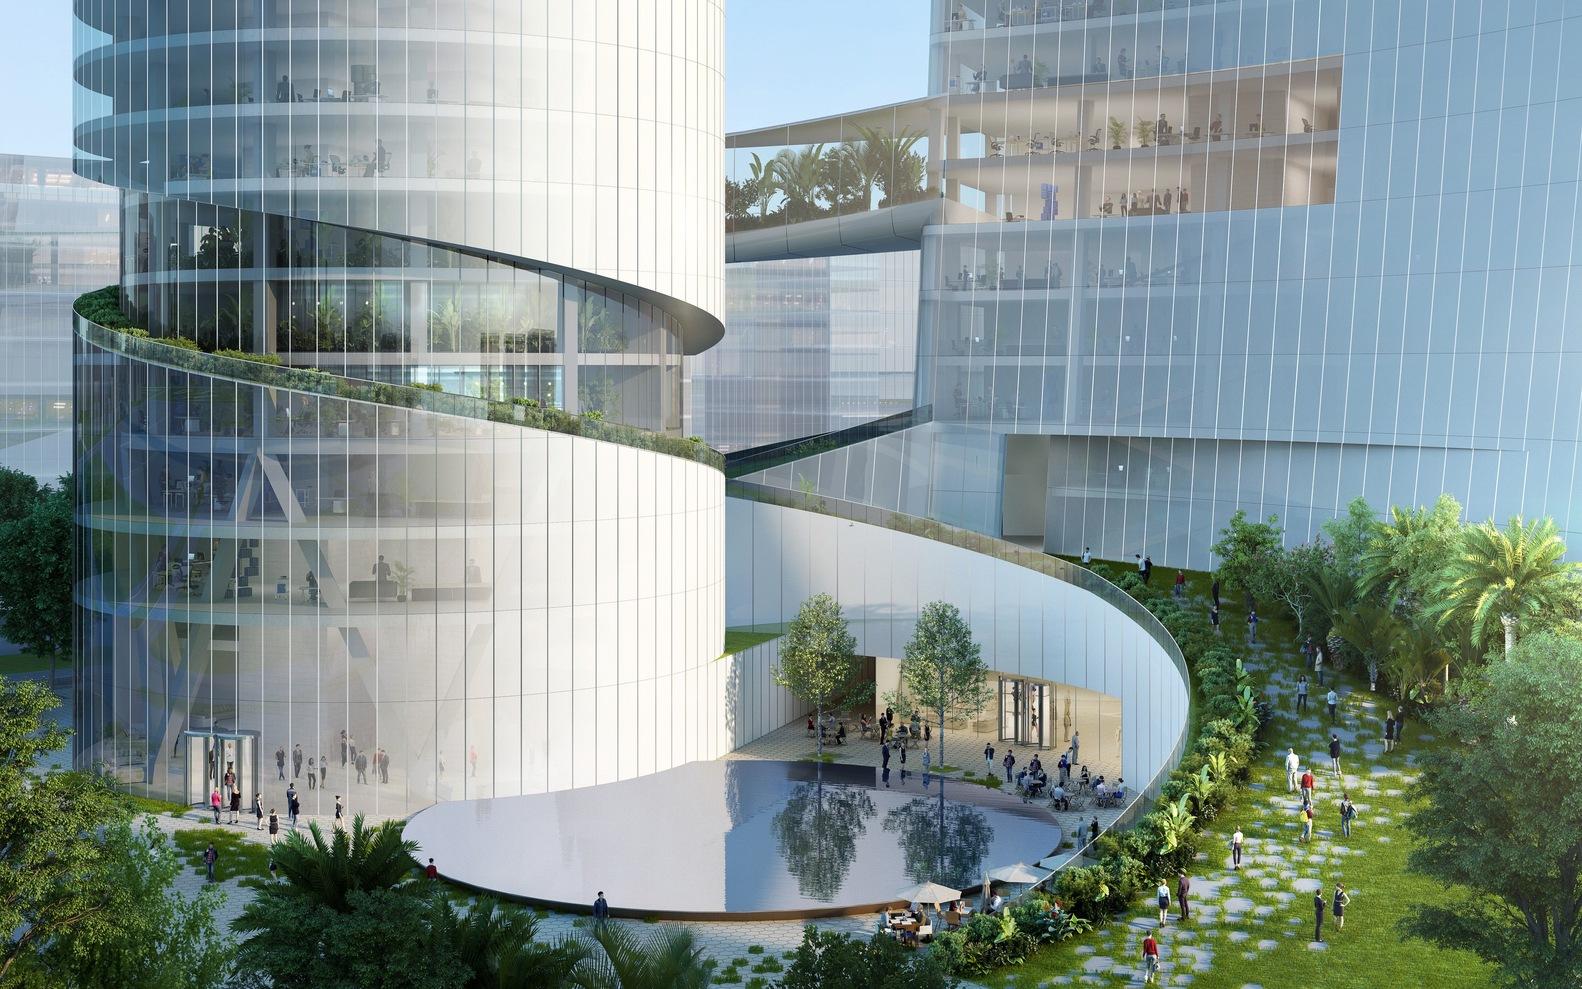 Здания объединены общим подиумом и воздушными мостами